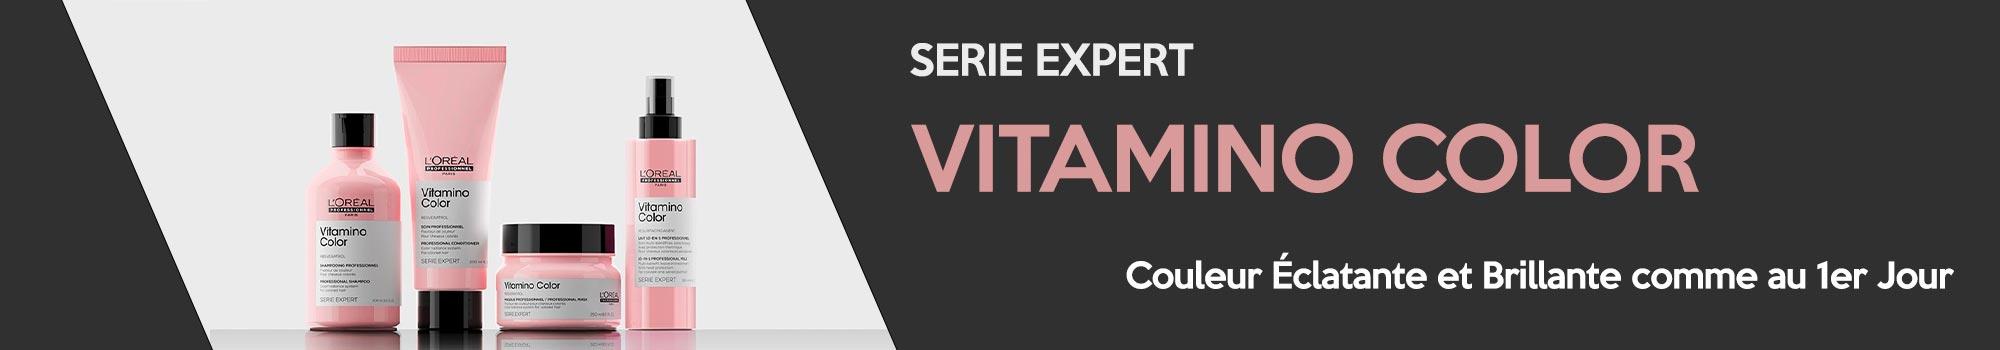 L'Oréal Professionnel Vitamino Color A-Ox